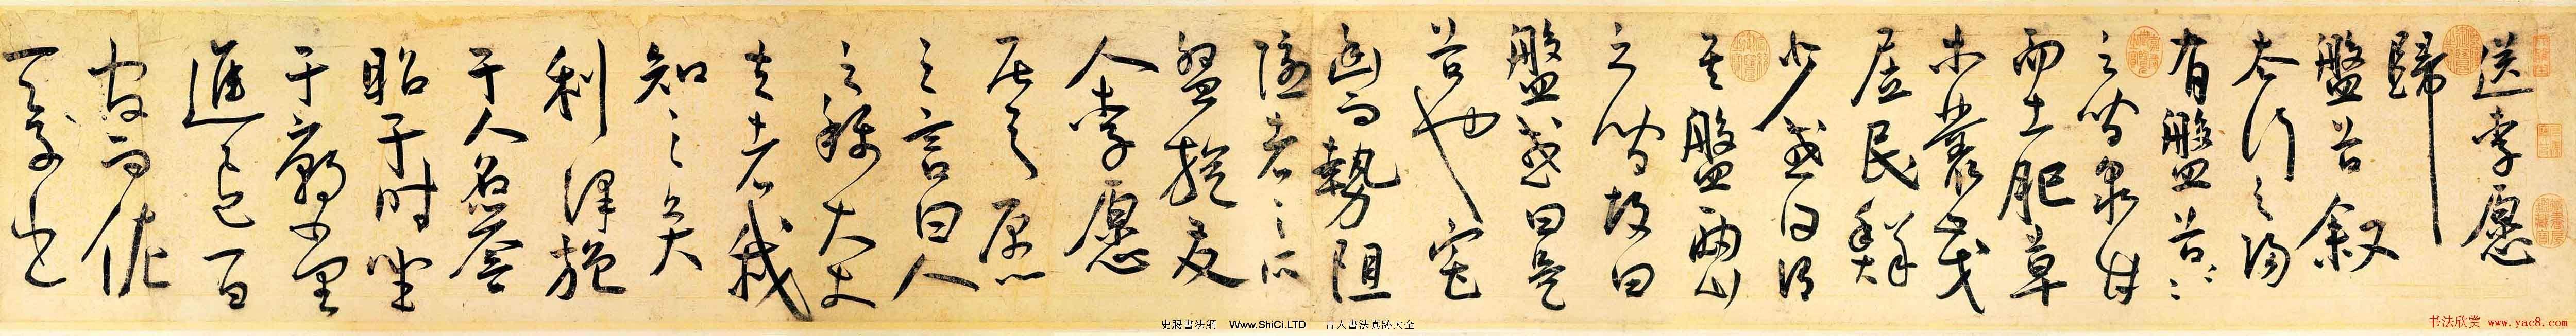 王寵草書作品真跡欣賞《送李願歸盤谷序》(共34張圖片)